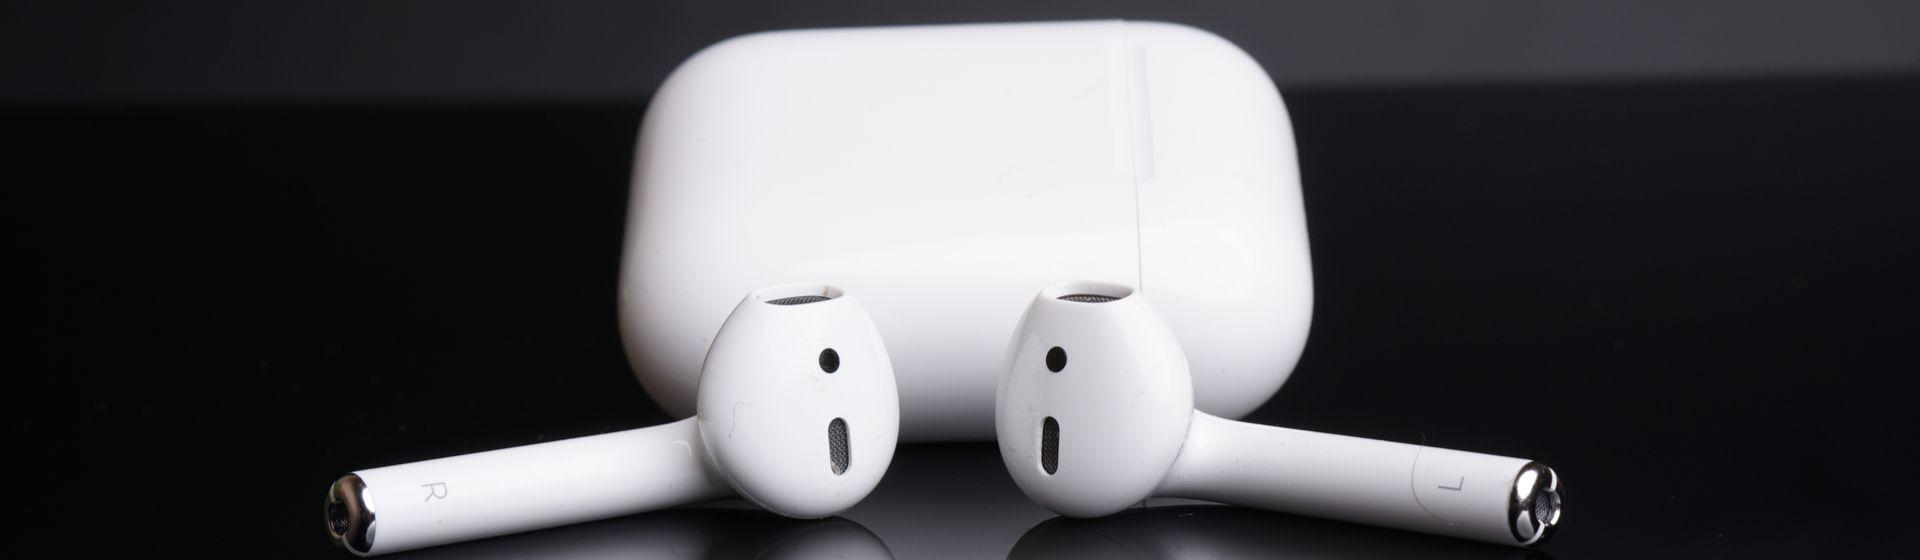 AirPods 2 ainda vale a pena? Veja ficha técnica do fone Apple